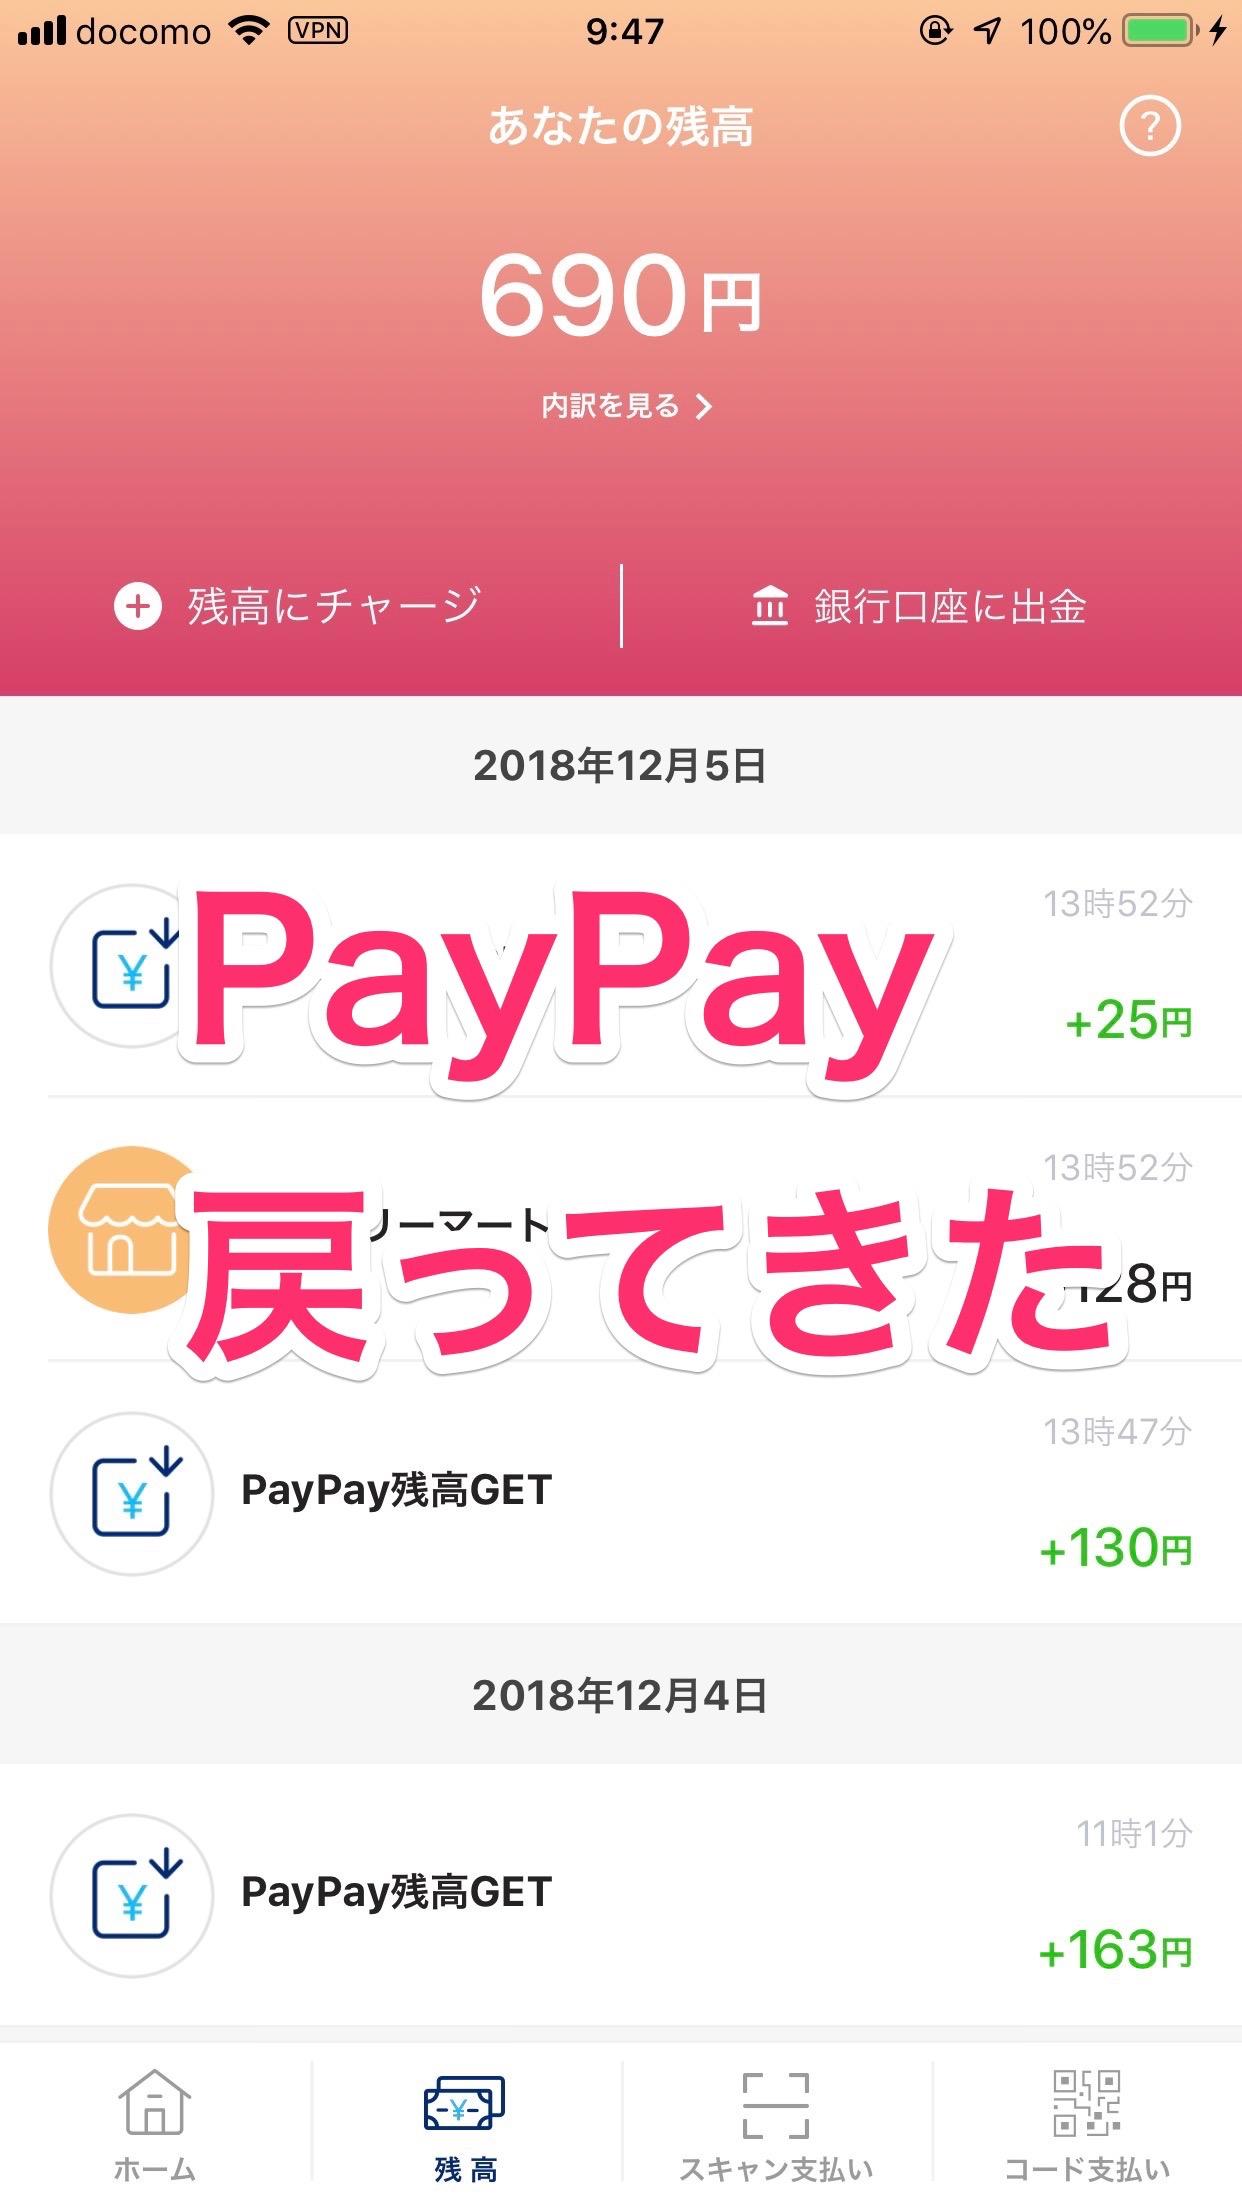 【PayPay】100億円キャンペーンのペイペイ残高が戻ってきた